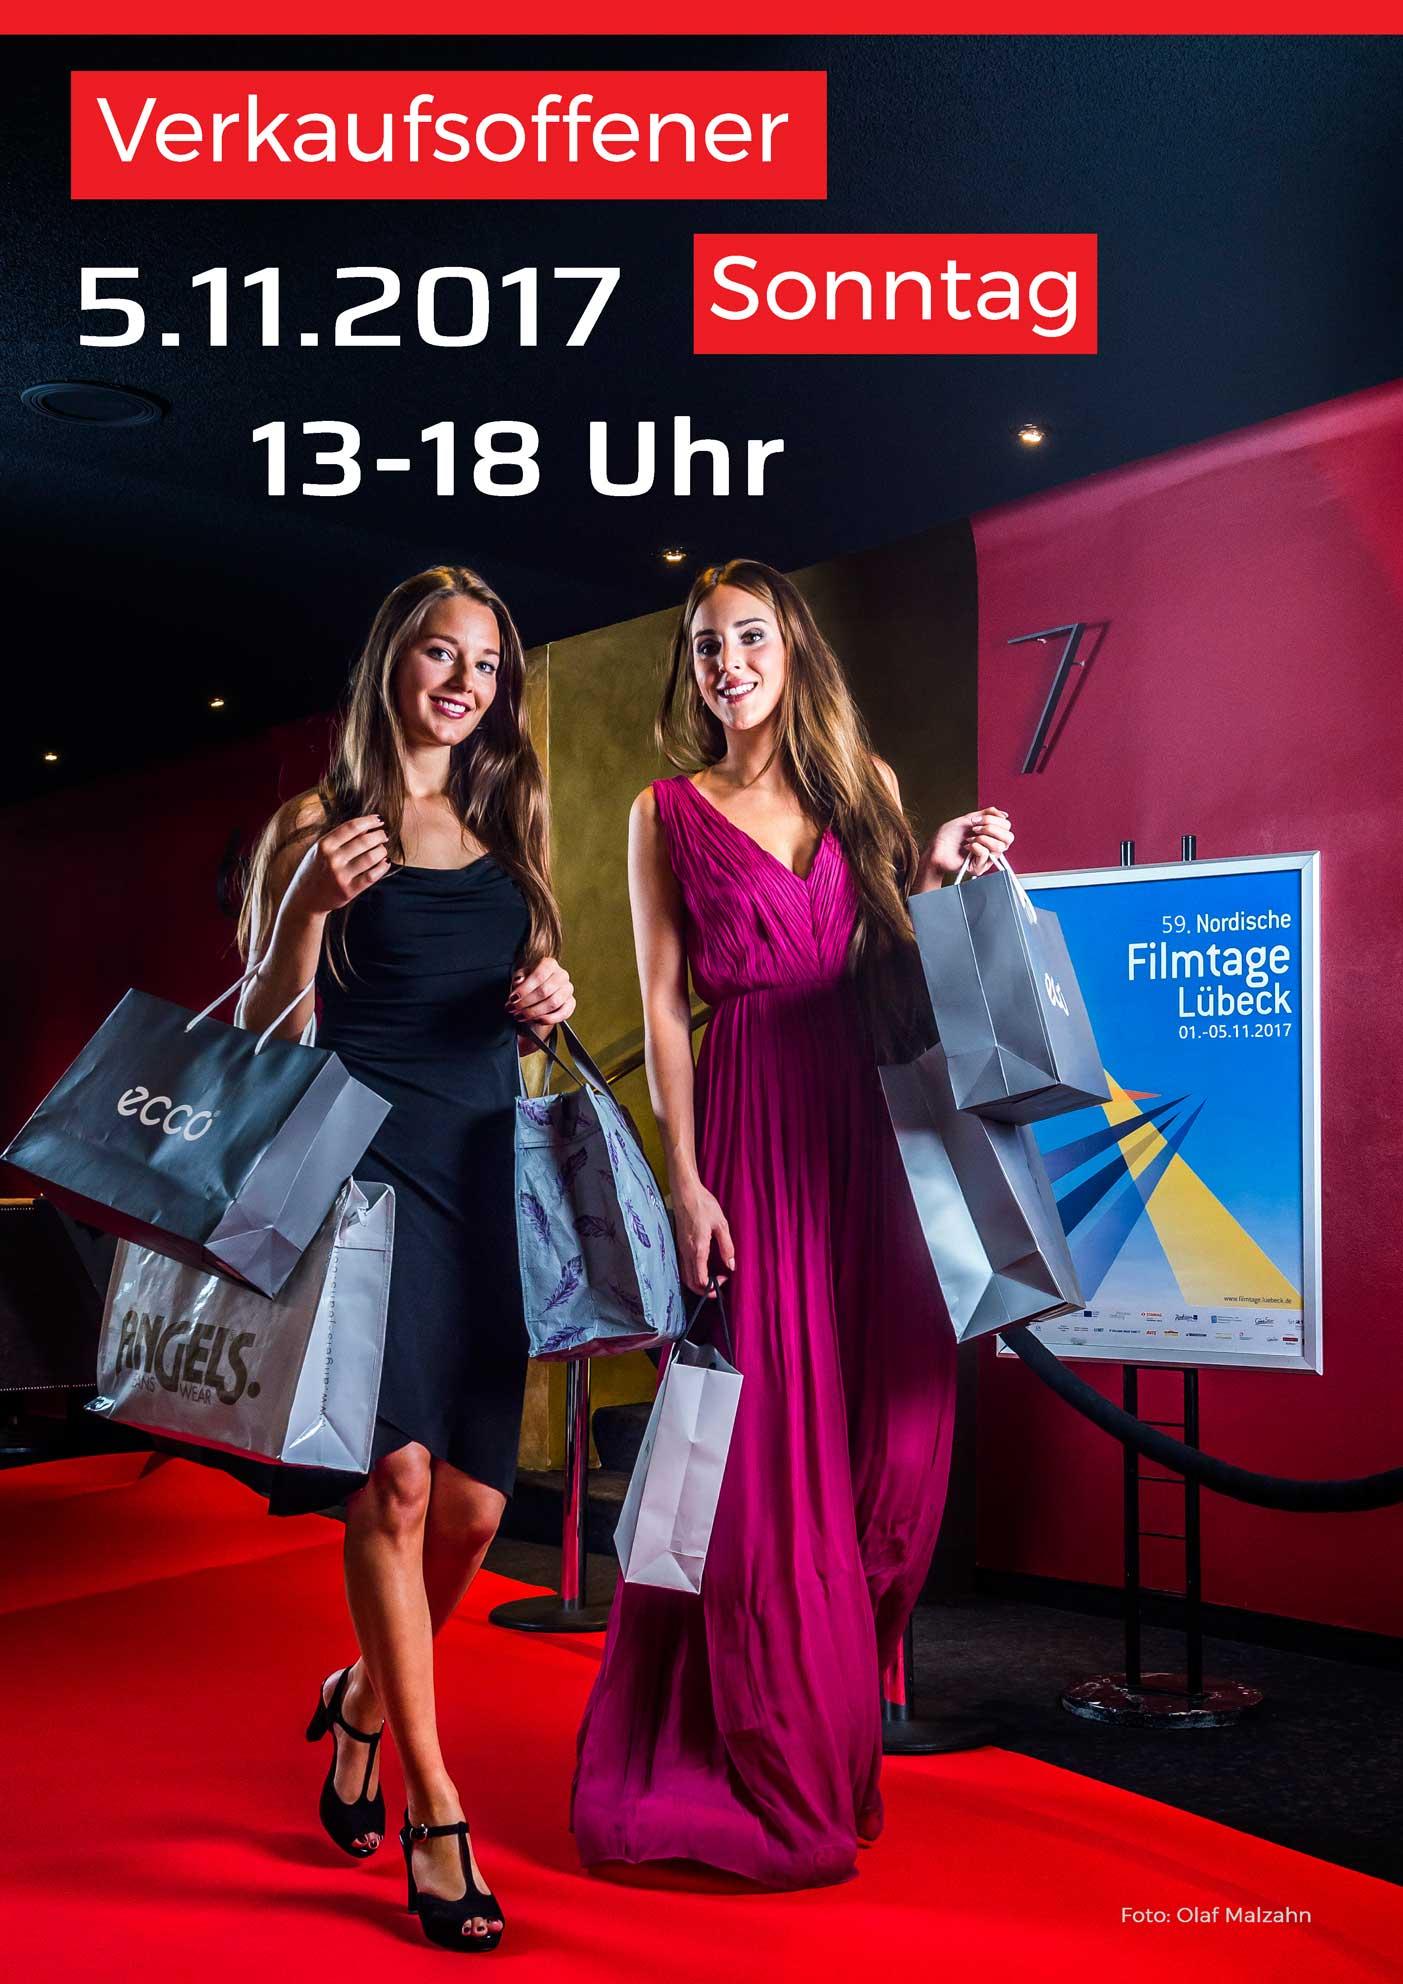 Verkaufsoffener Sonntag In Lubeck Am 5 November 2017 Aktionen In